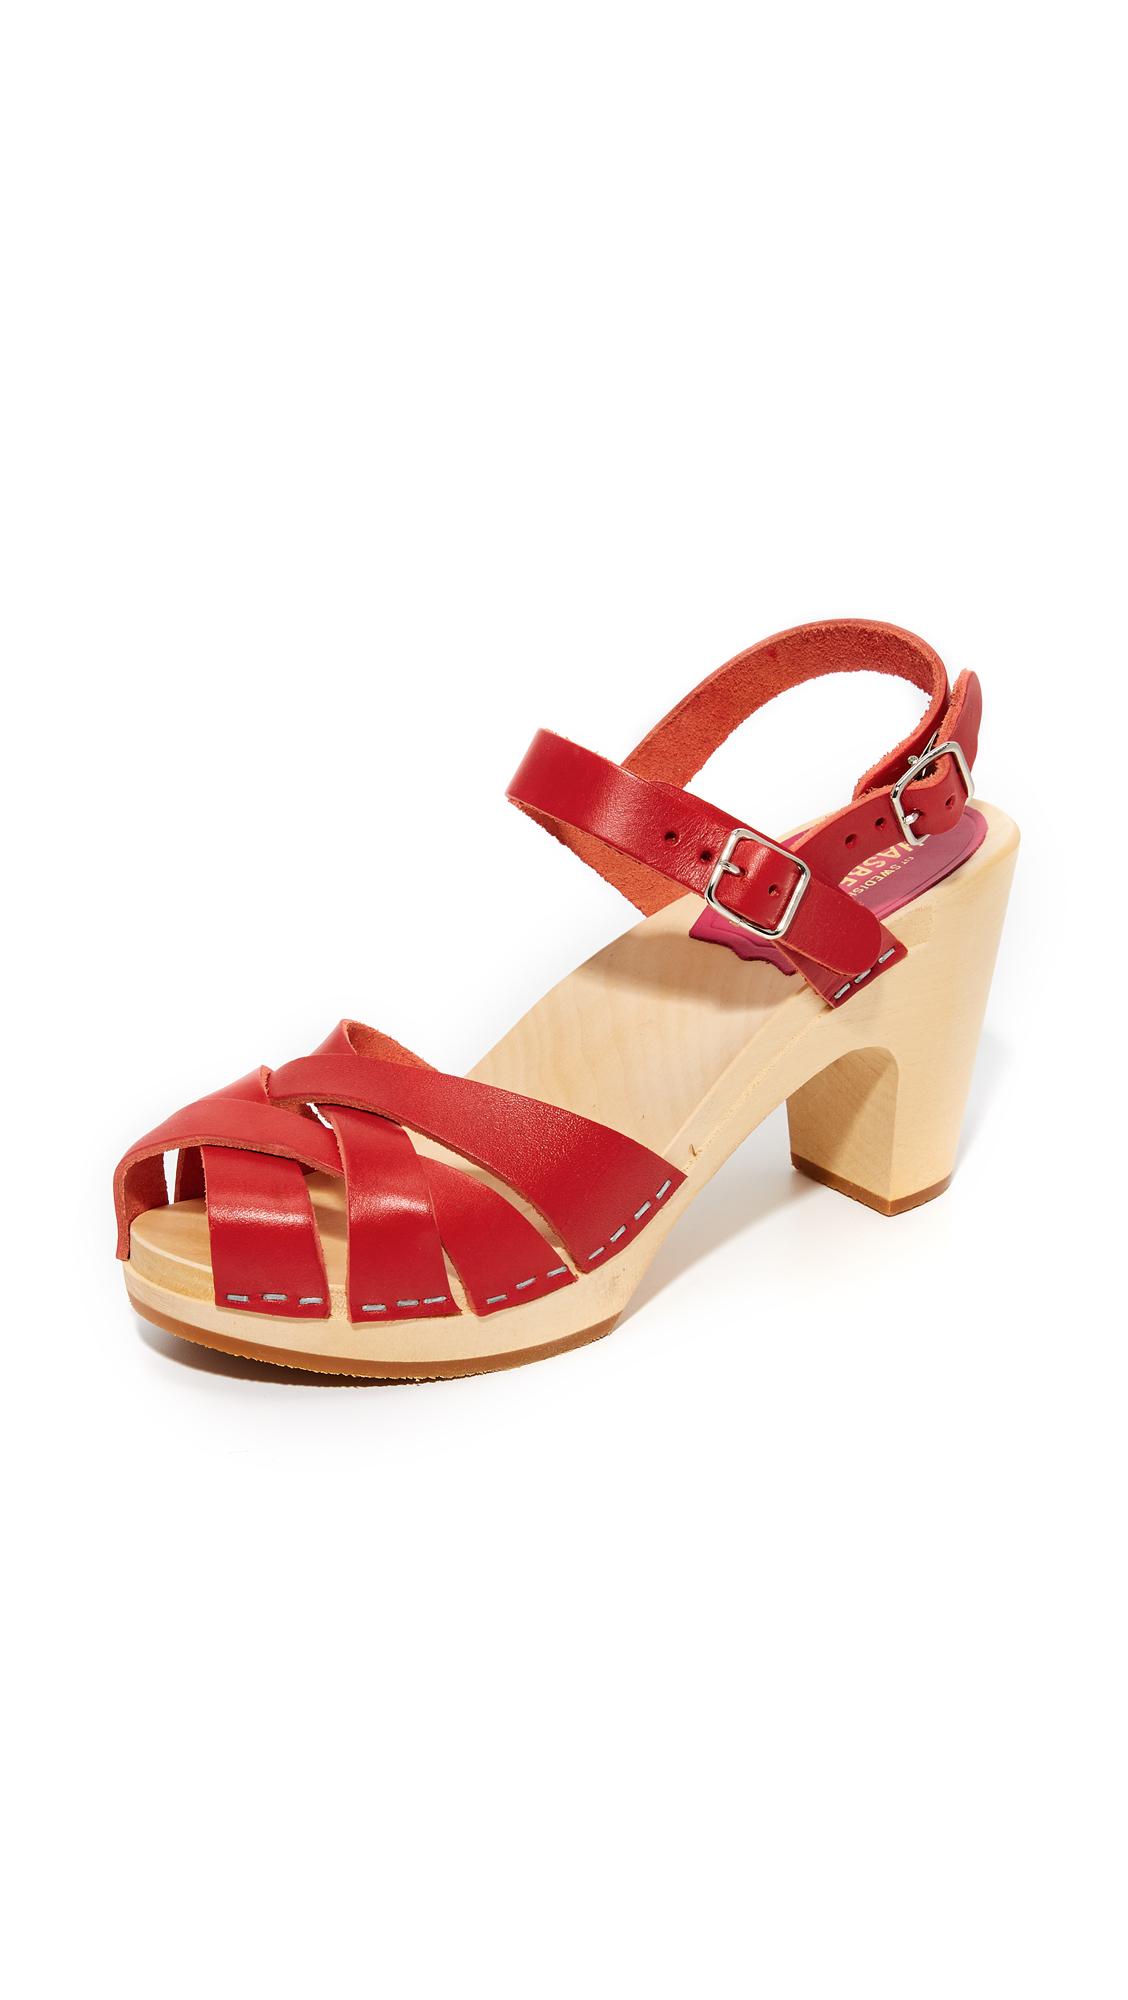 Swedish Hasbeens Katja Sandals - Red